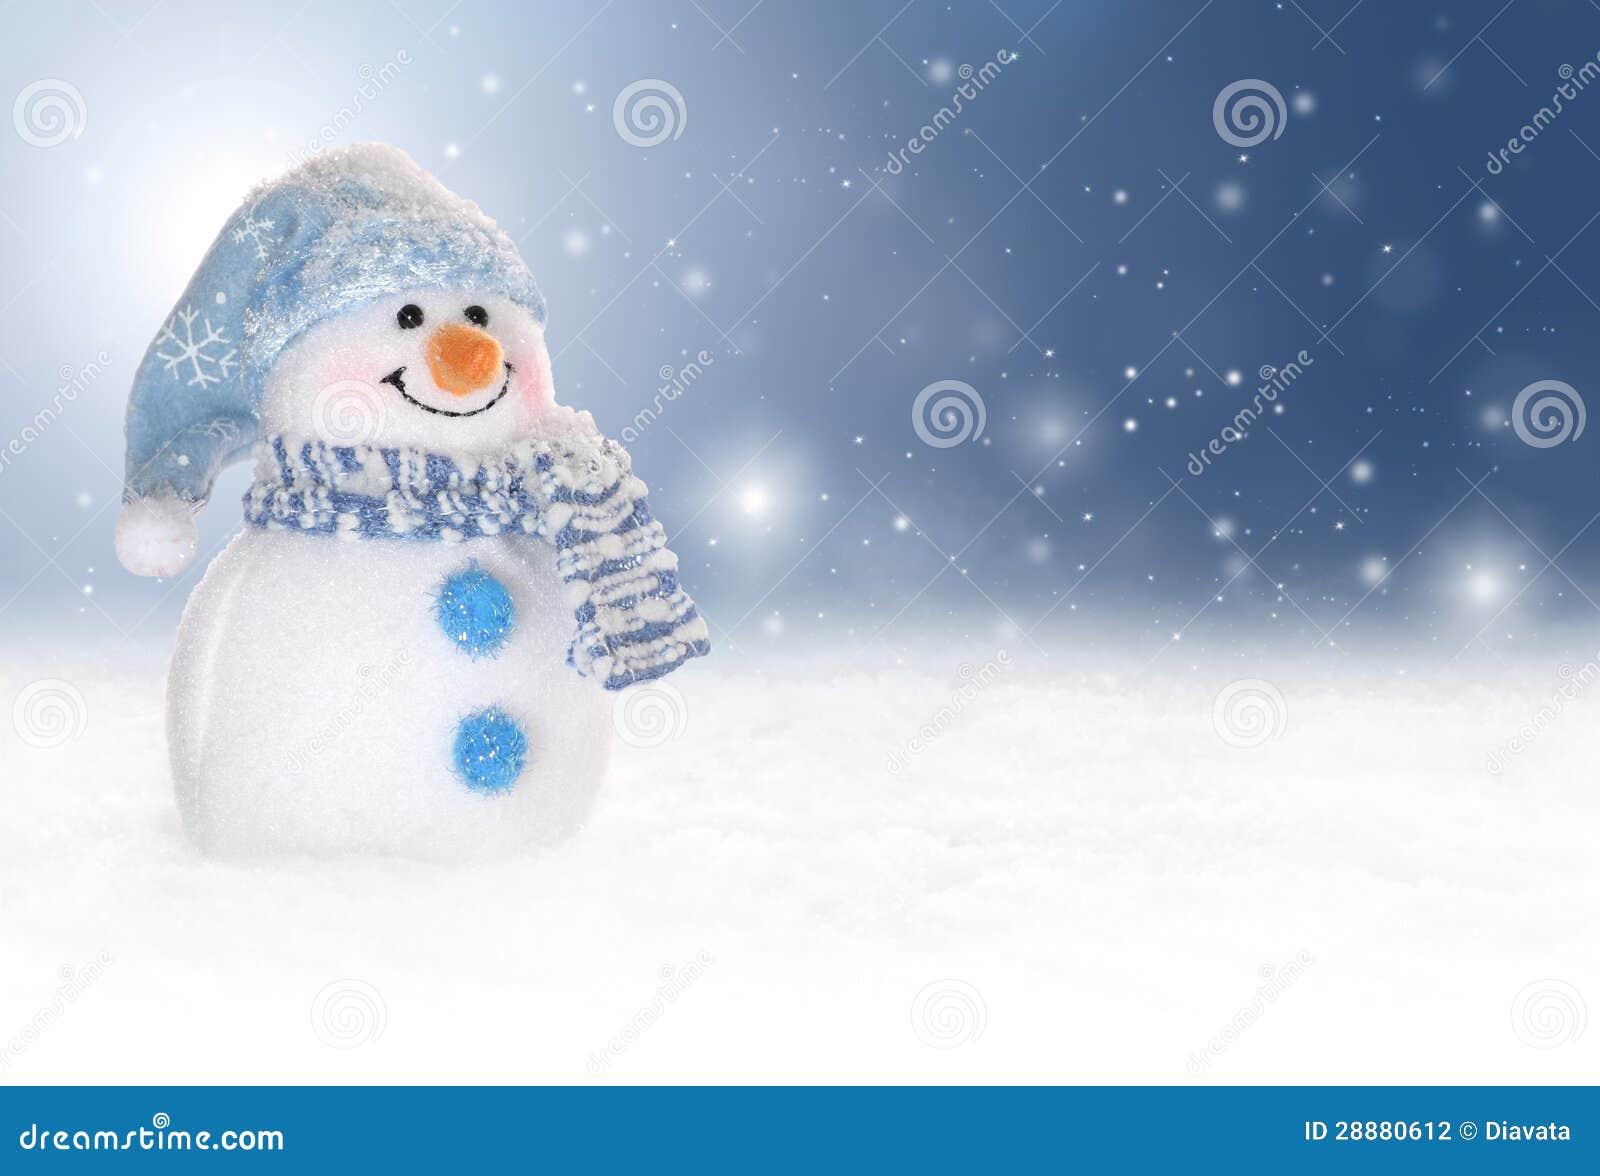 Fondo del invierno con un muñeco de nieve, una nieve y copos de nieve